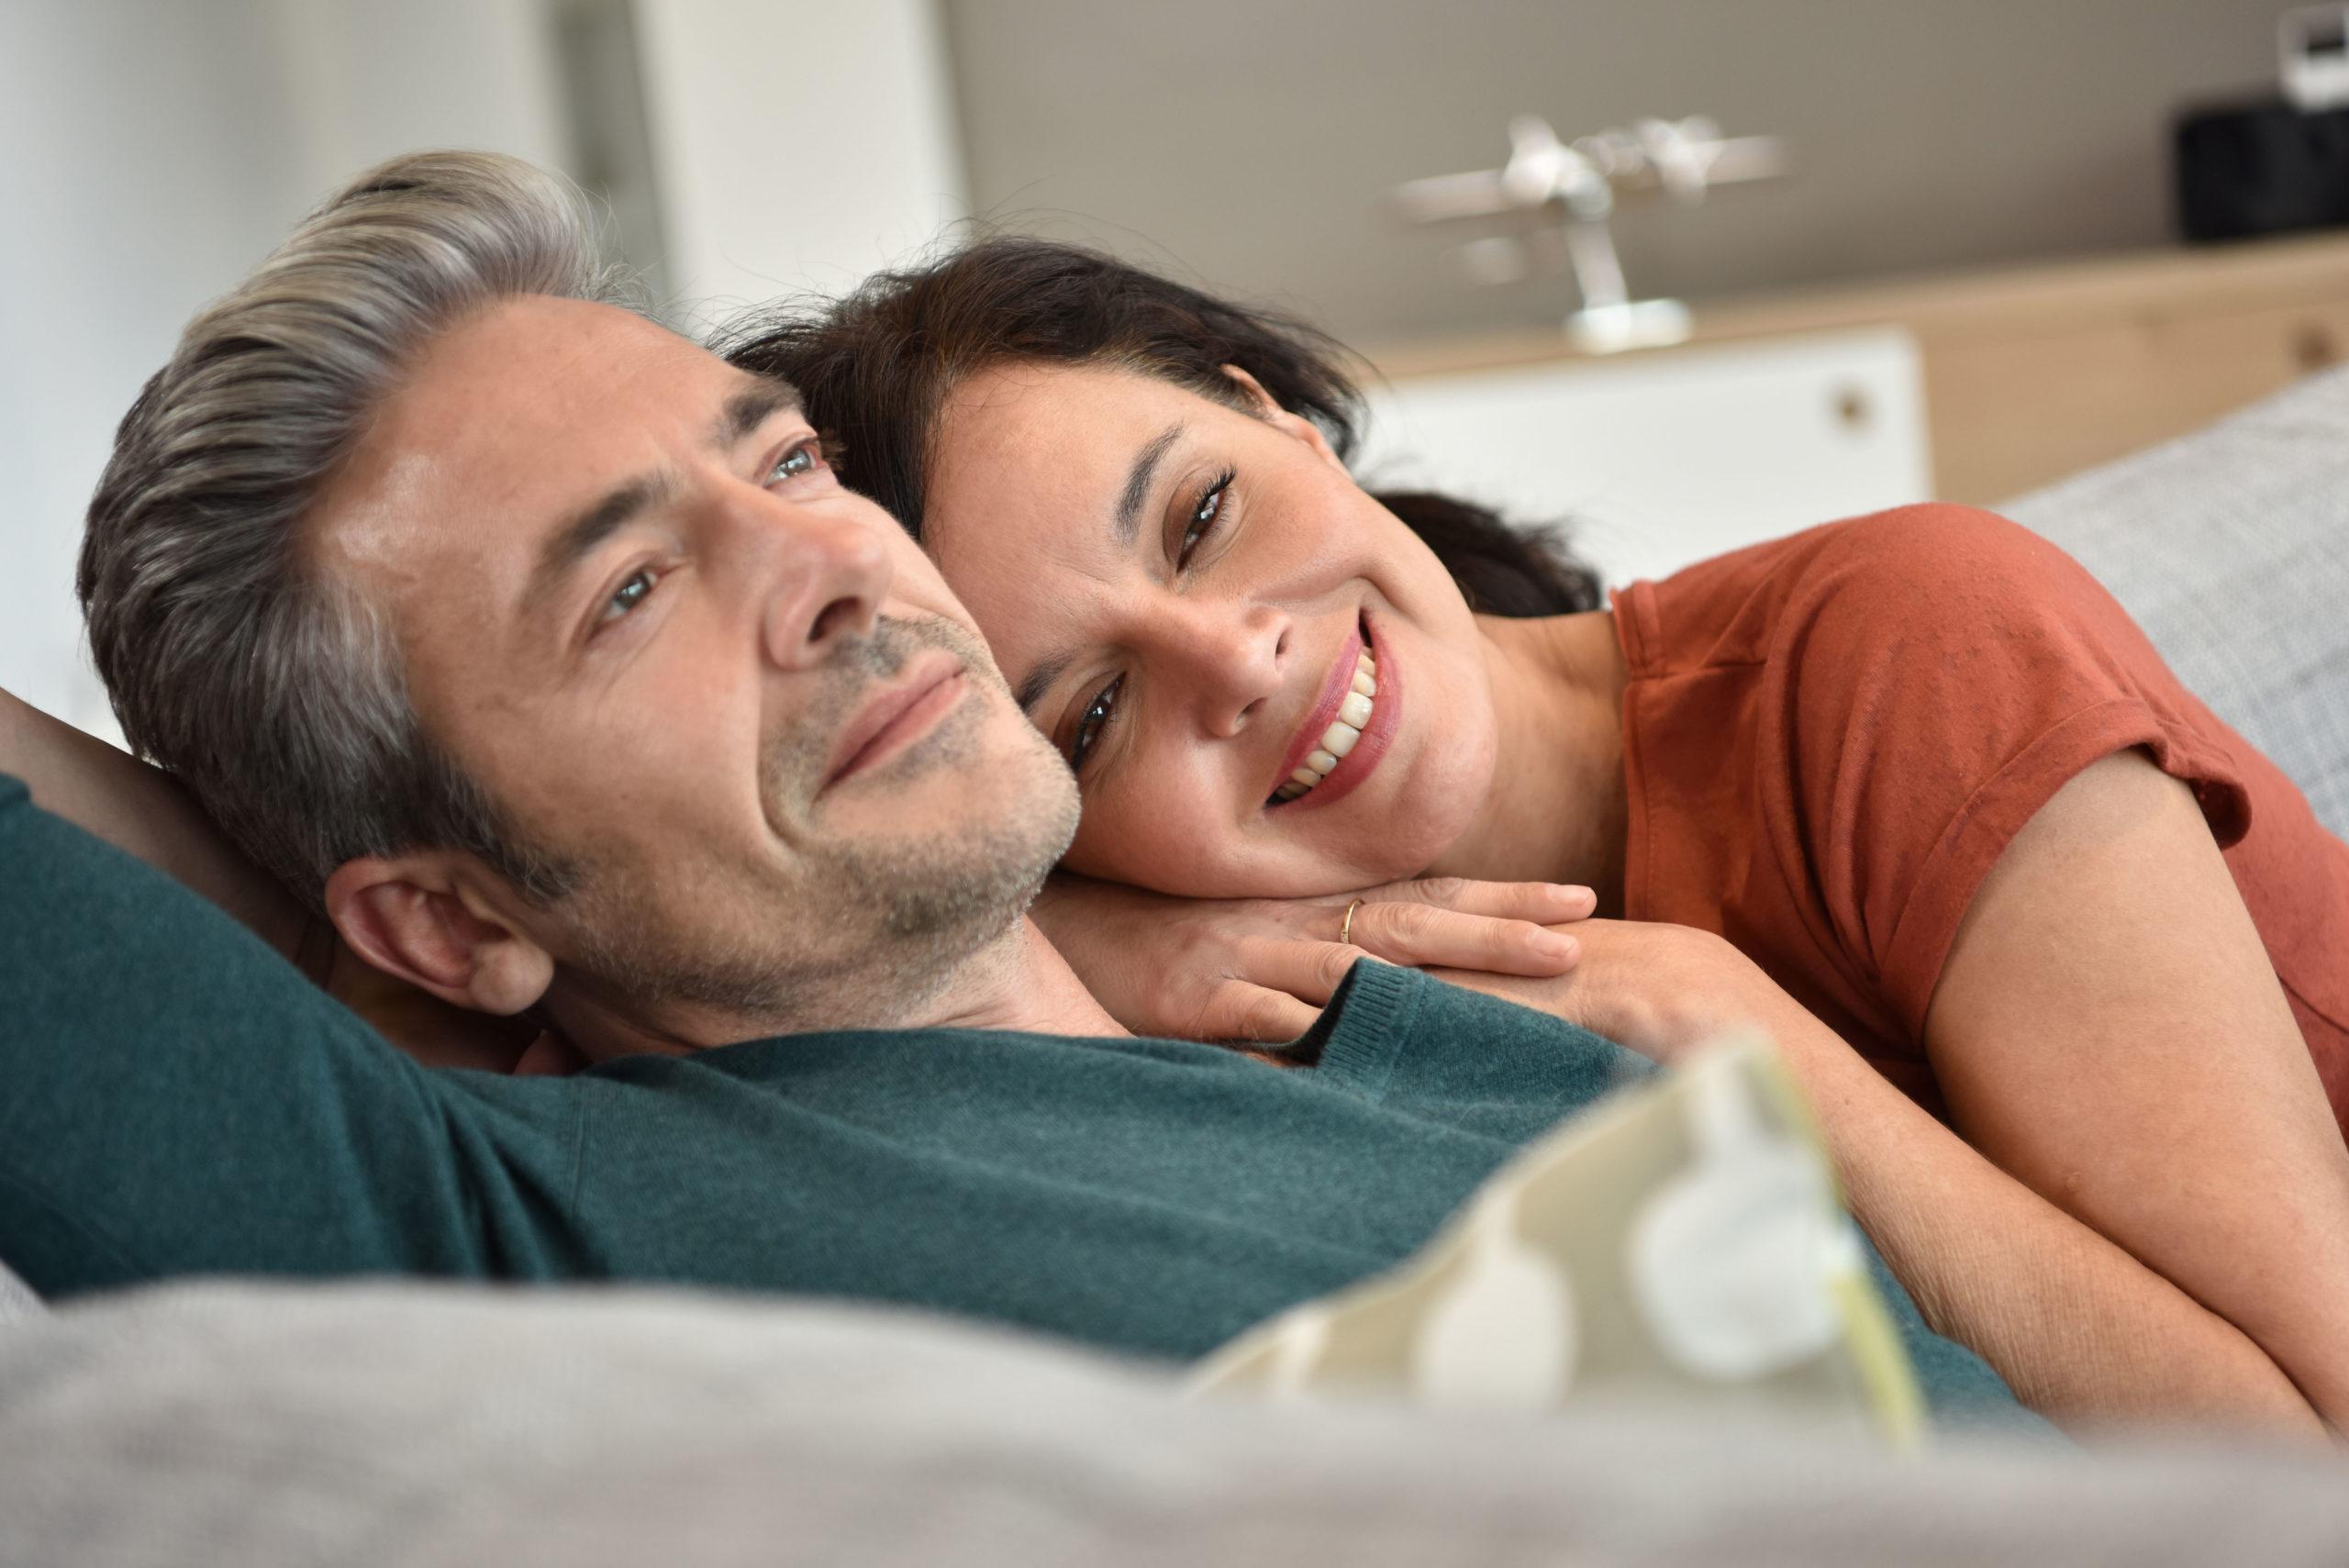 Männergesundheit: Hormone im Lot?